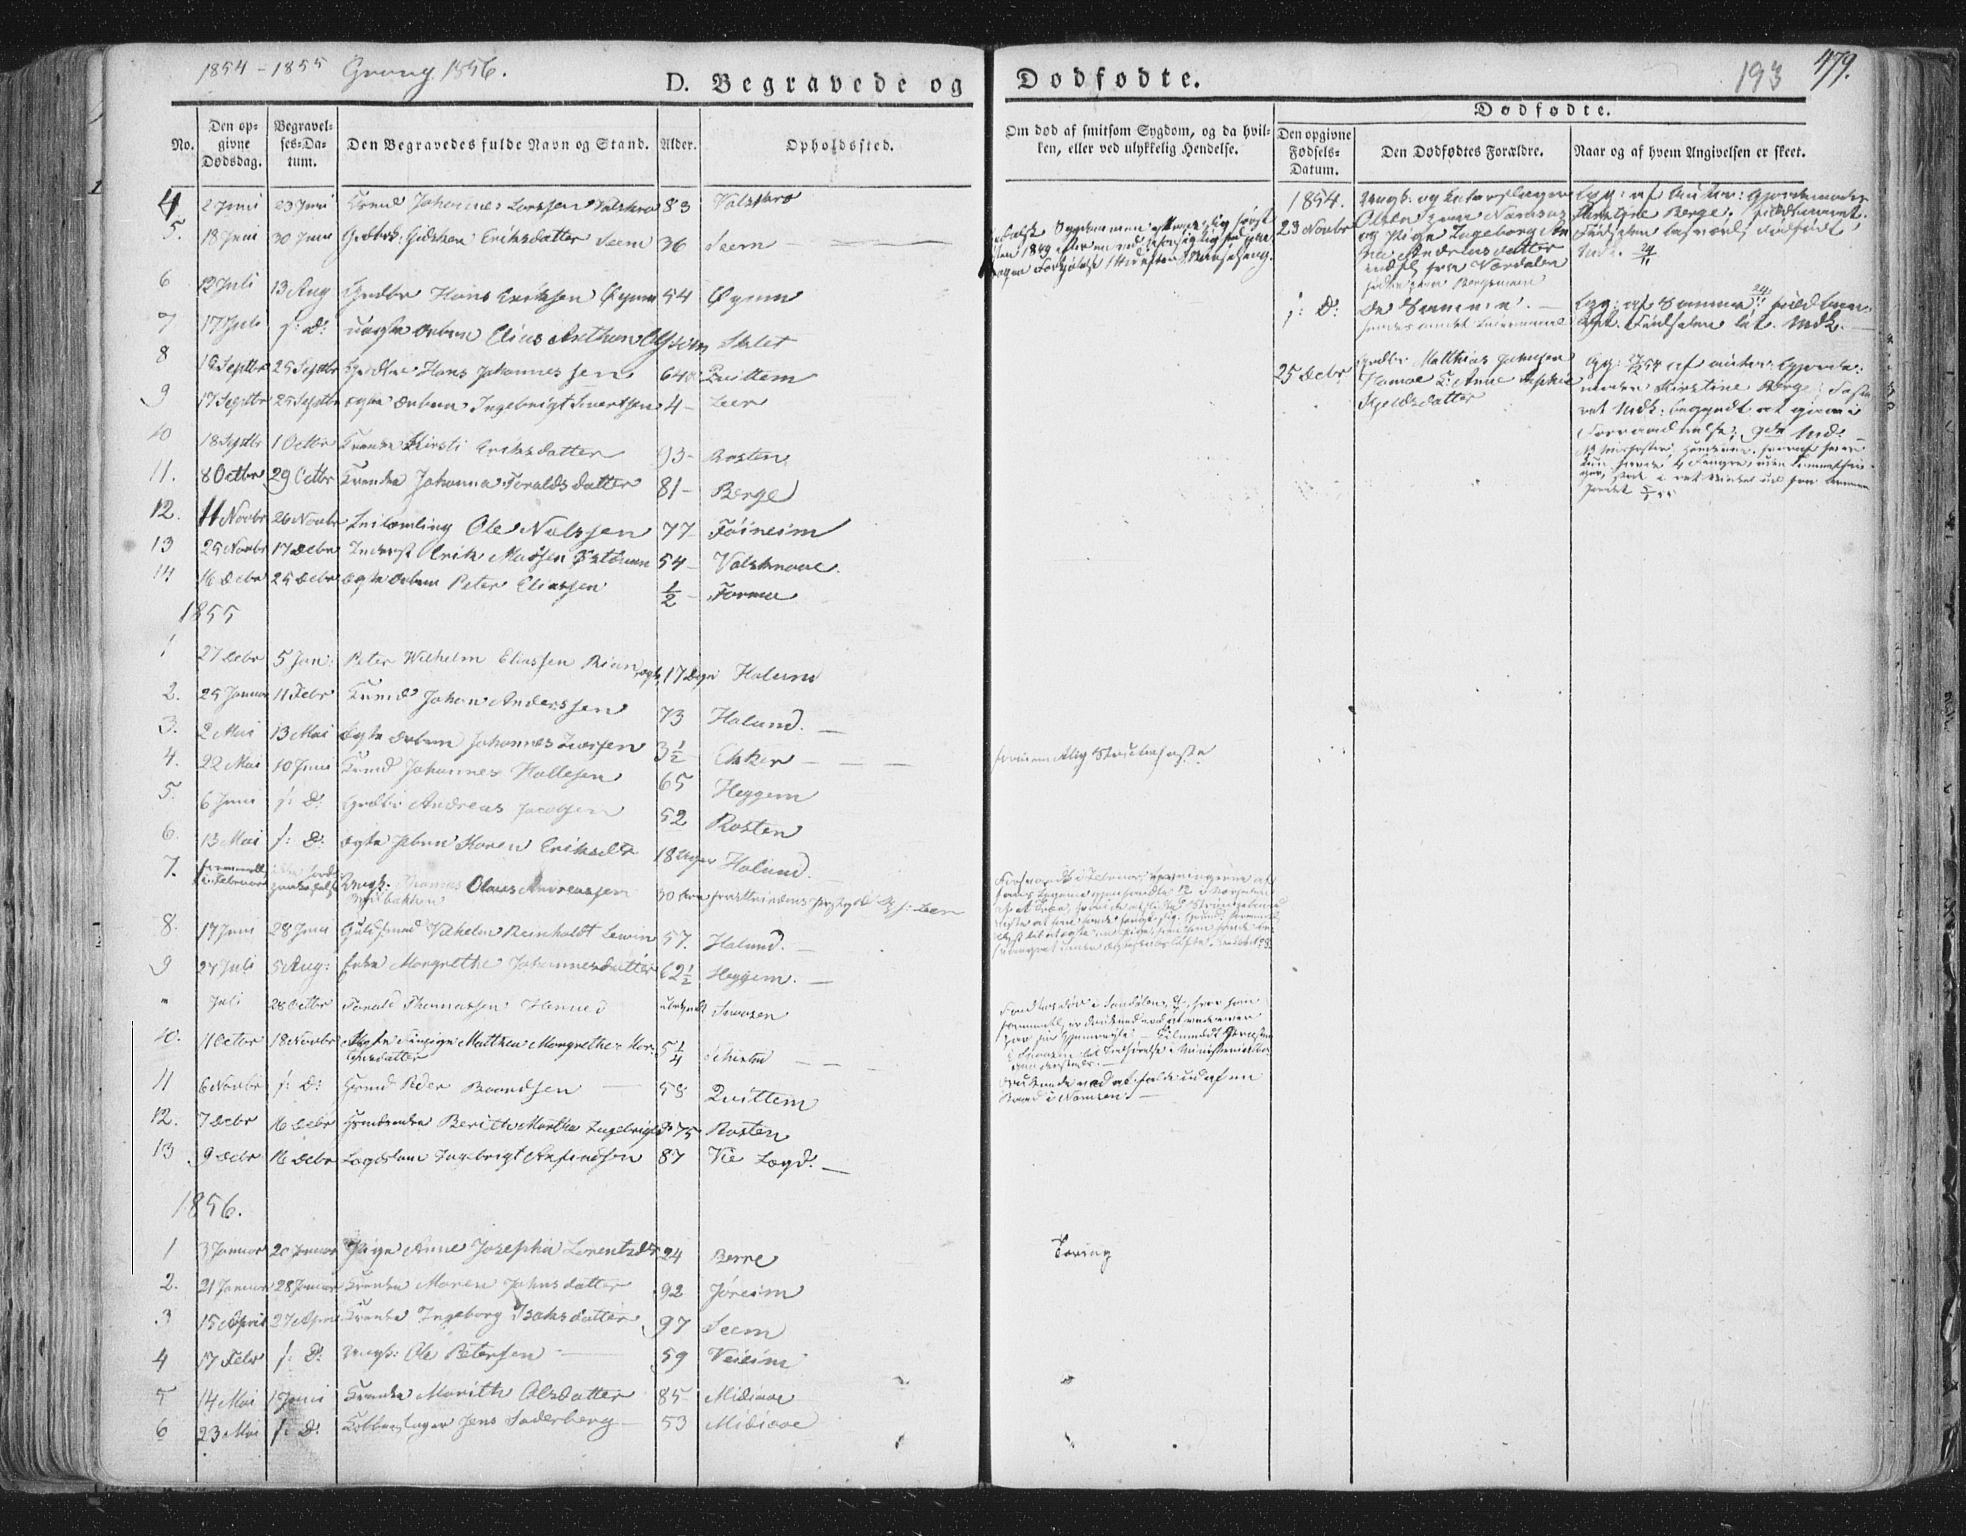 SAT, Ministerialprotokoller, klokkerbøker og fødselsregistre - Nord-Trøndelag, 758/L0513: Ministerialbok nr. 758A02 /1, 1839-1868, s. 193